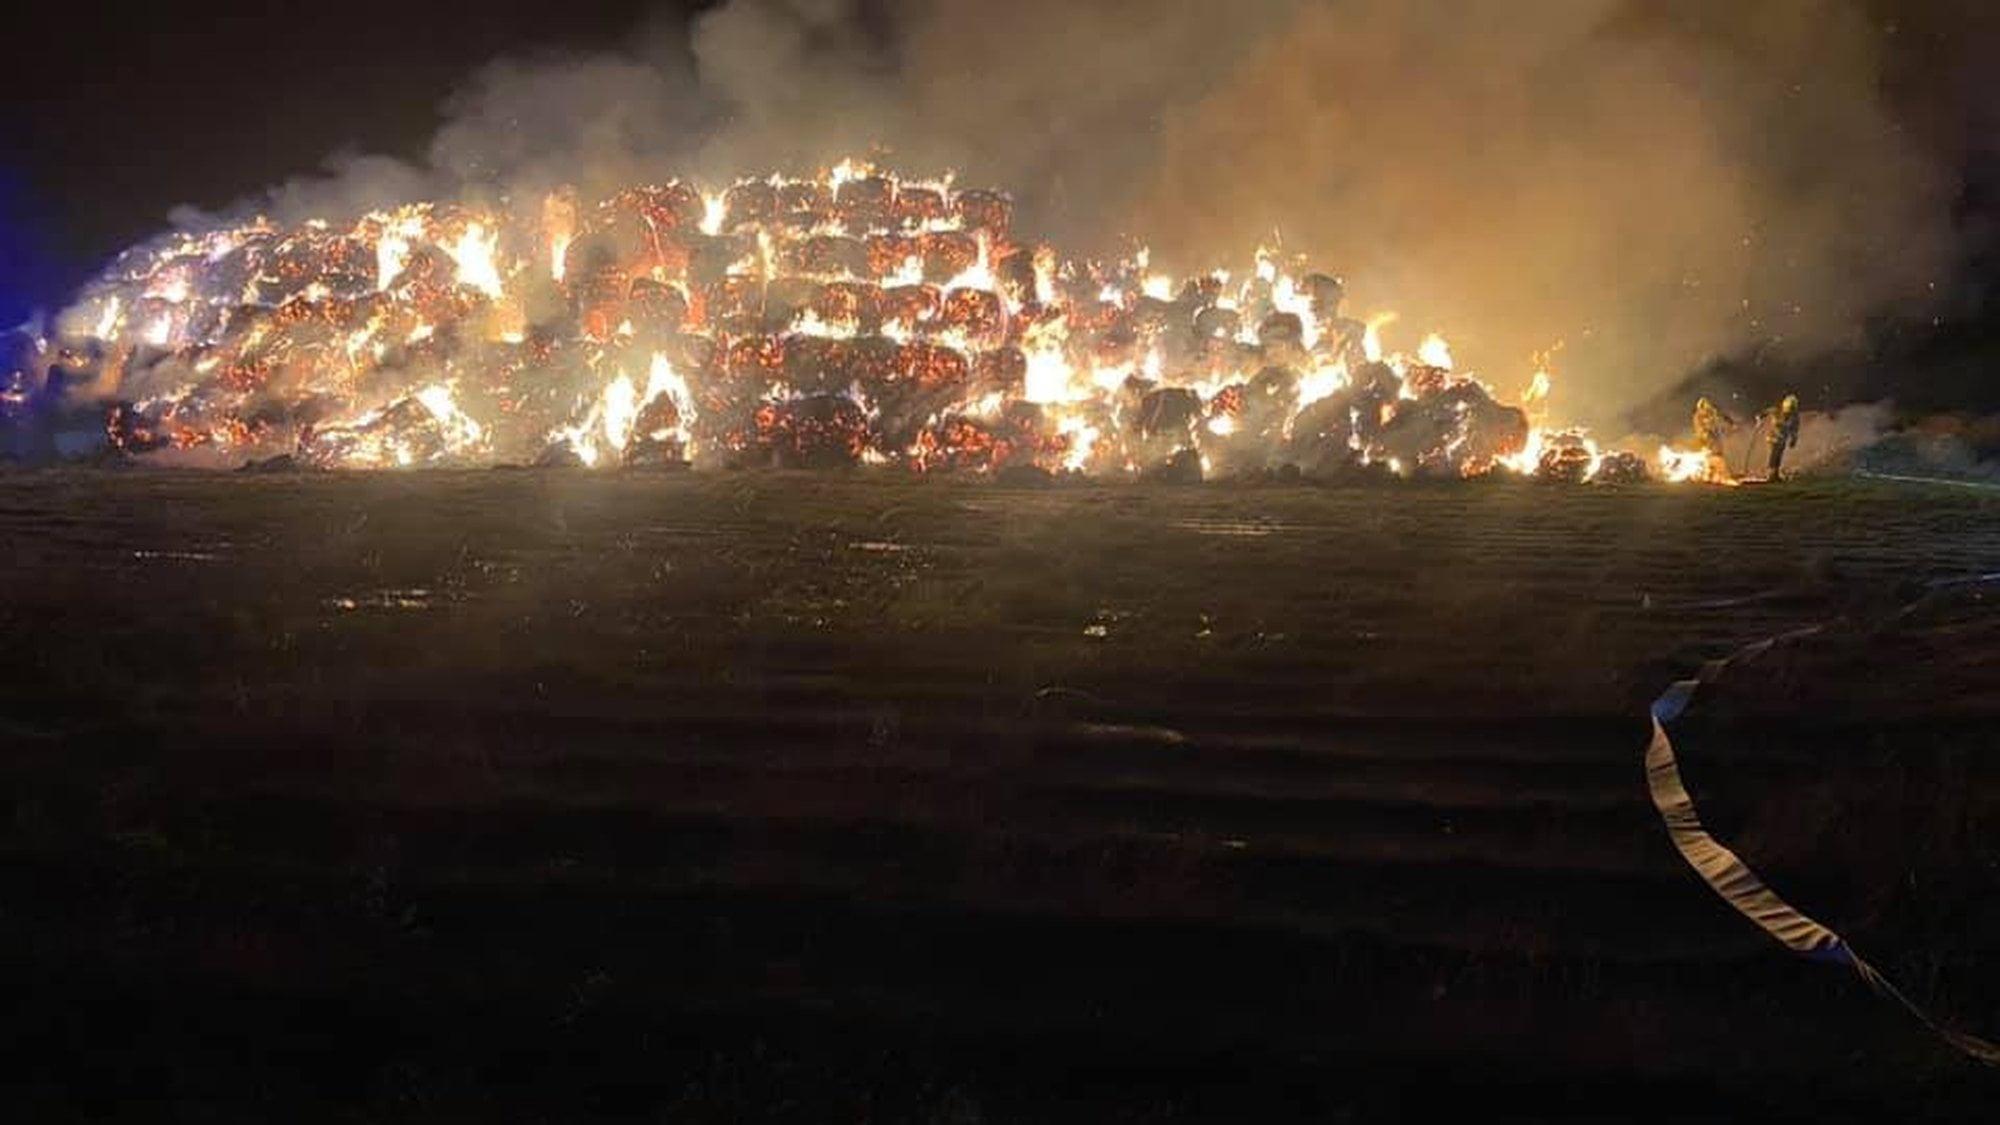 Stryków: Gigantyczny pożar na polu. W akcji brało udział 11 zastępów straży pożarnej